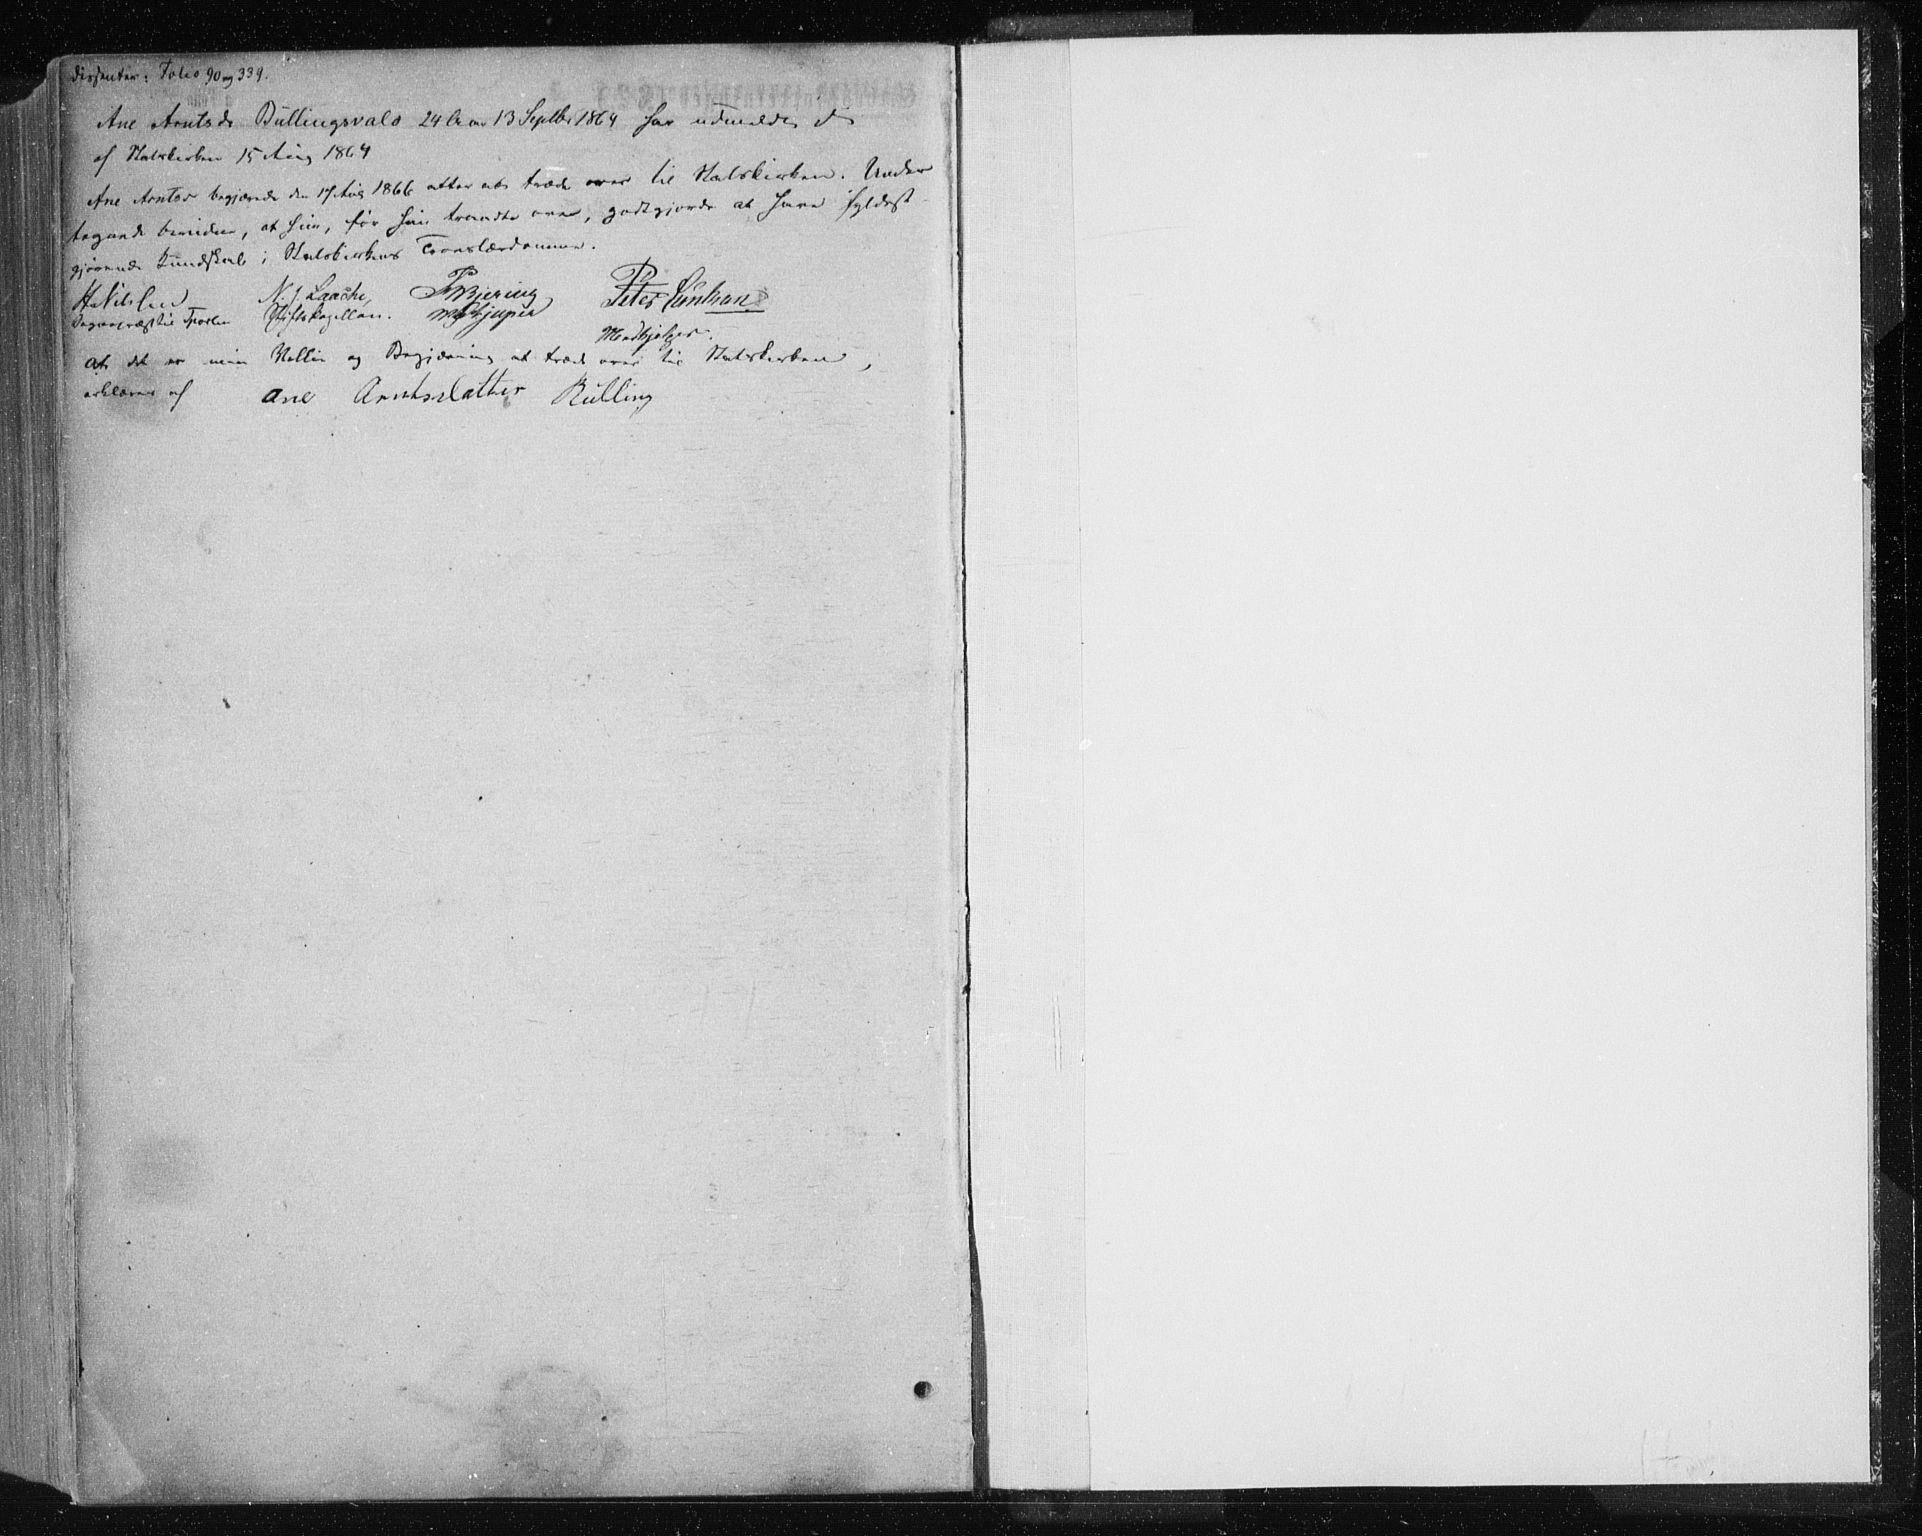 SAT, Ministerialprotokoller, klokkerbøker og fødselsregistre - Nord-Trøndelag, 735/L0345: Ministerialbok nr. 735A08 /1, 1863-1872